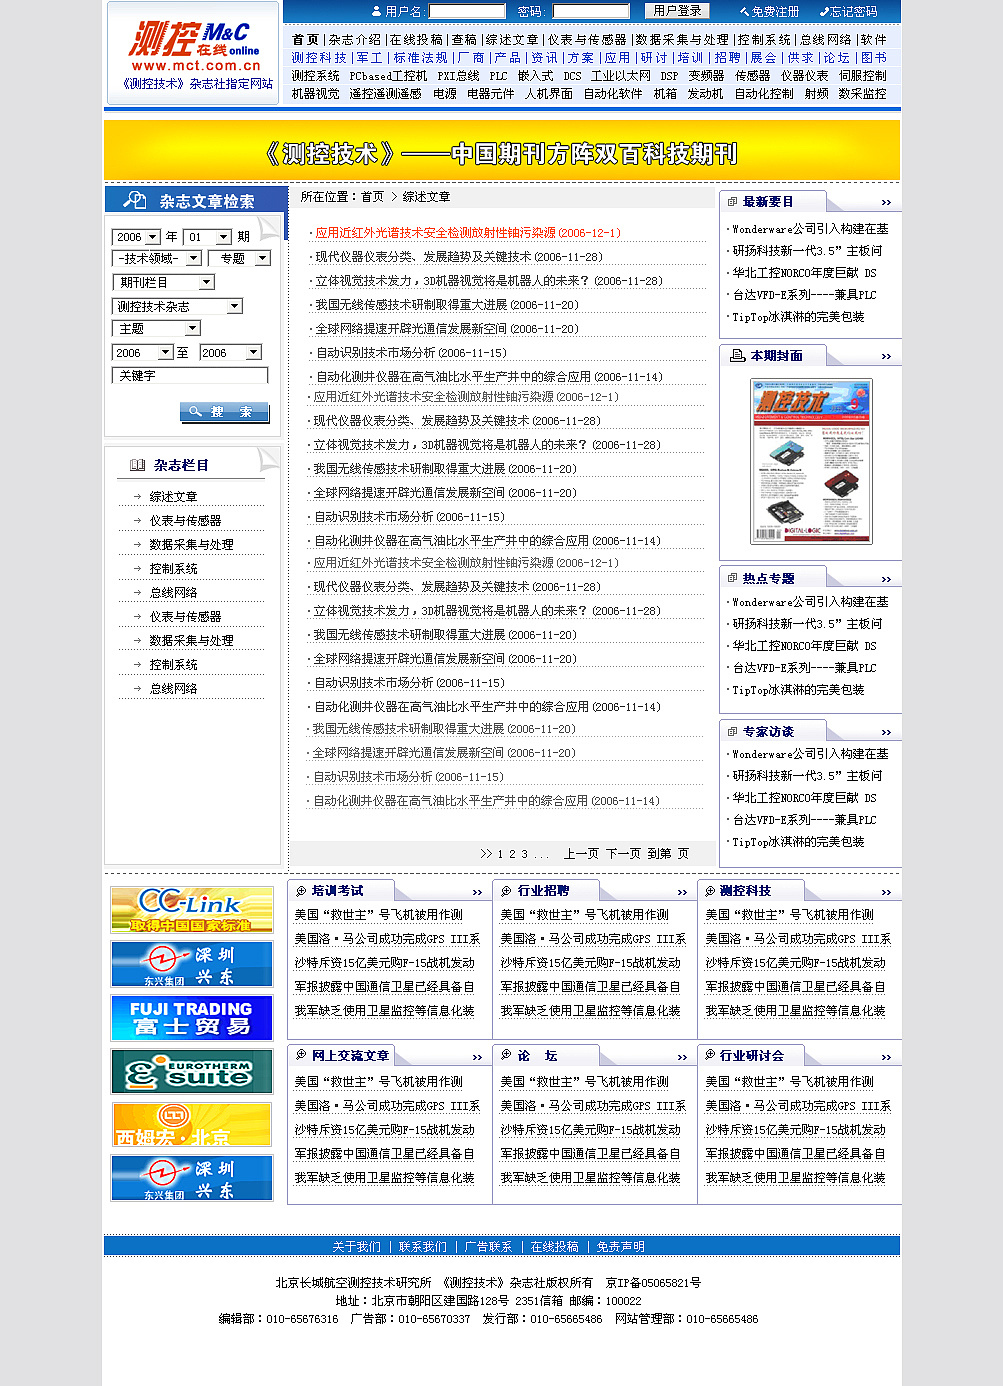 最新商业资讯_2006 测控技术在线行业资讯网站|UI|图标|everest - 原创作品 - 站酷 ...